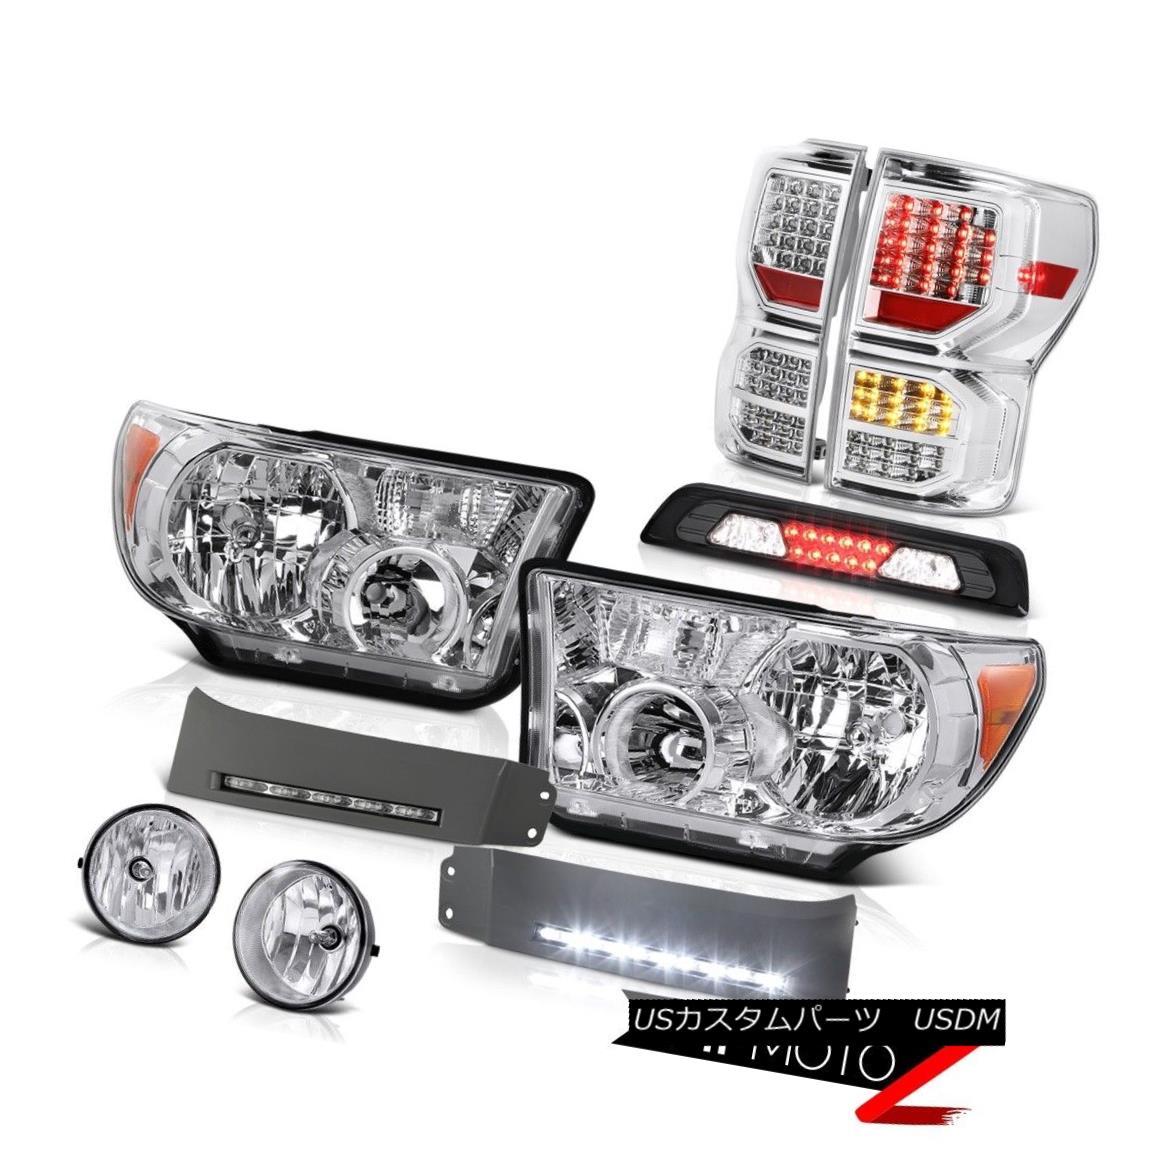 ヘッドライト 07-13 Tundra Platinum Rear Brake Lights Headlamps DRL Strip Roof Lamp Foglamps 07-13 Tundra PlatinumリアブレーキライトヘッドランプDRLストリップ屋根ランプフォグランプ